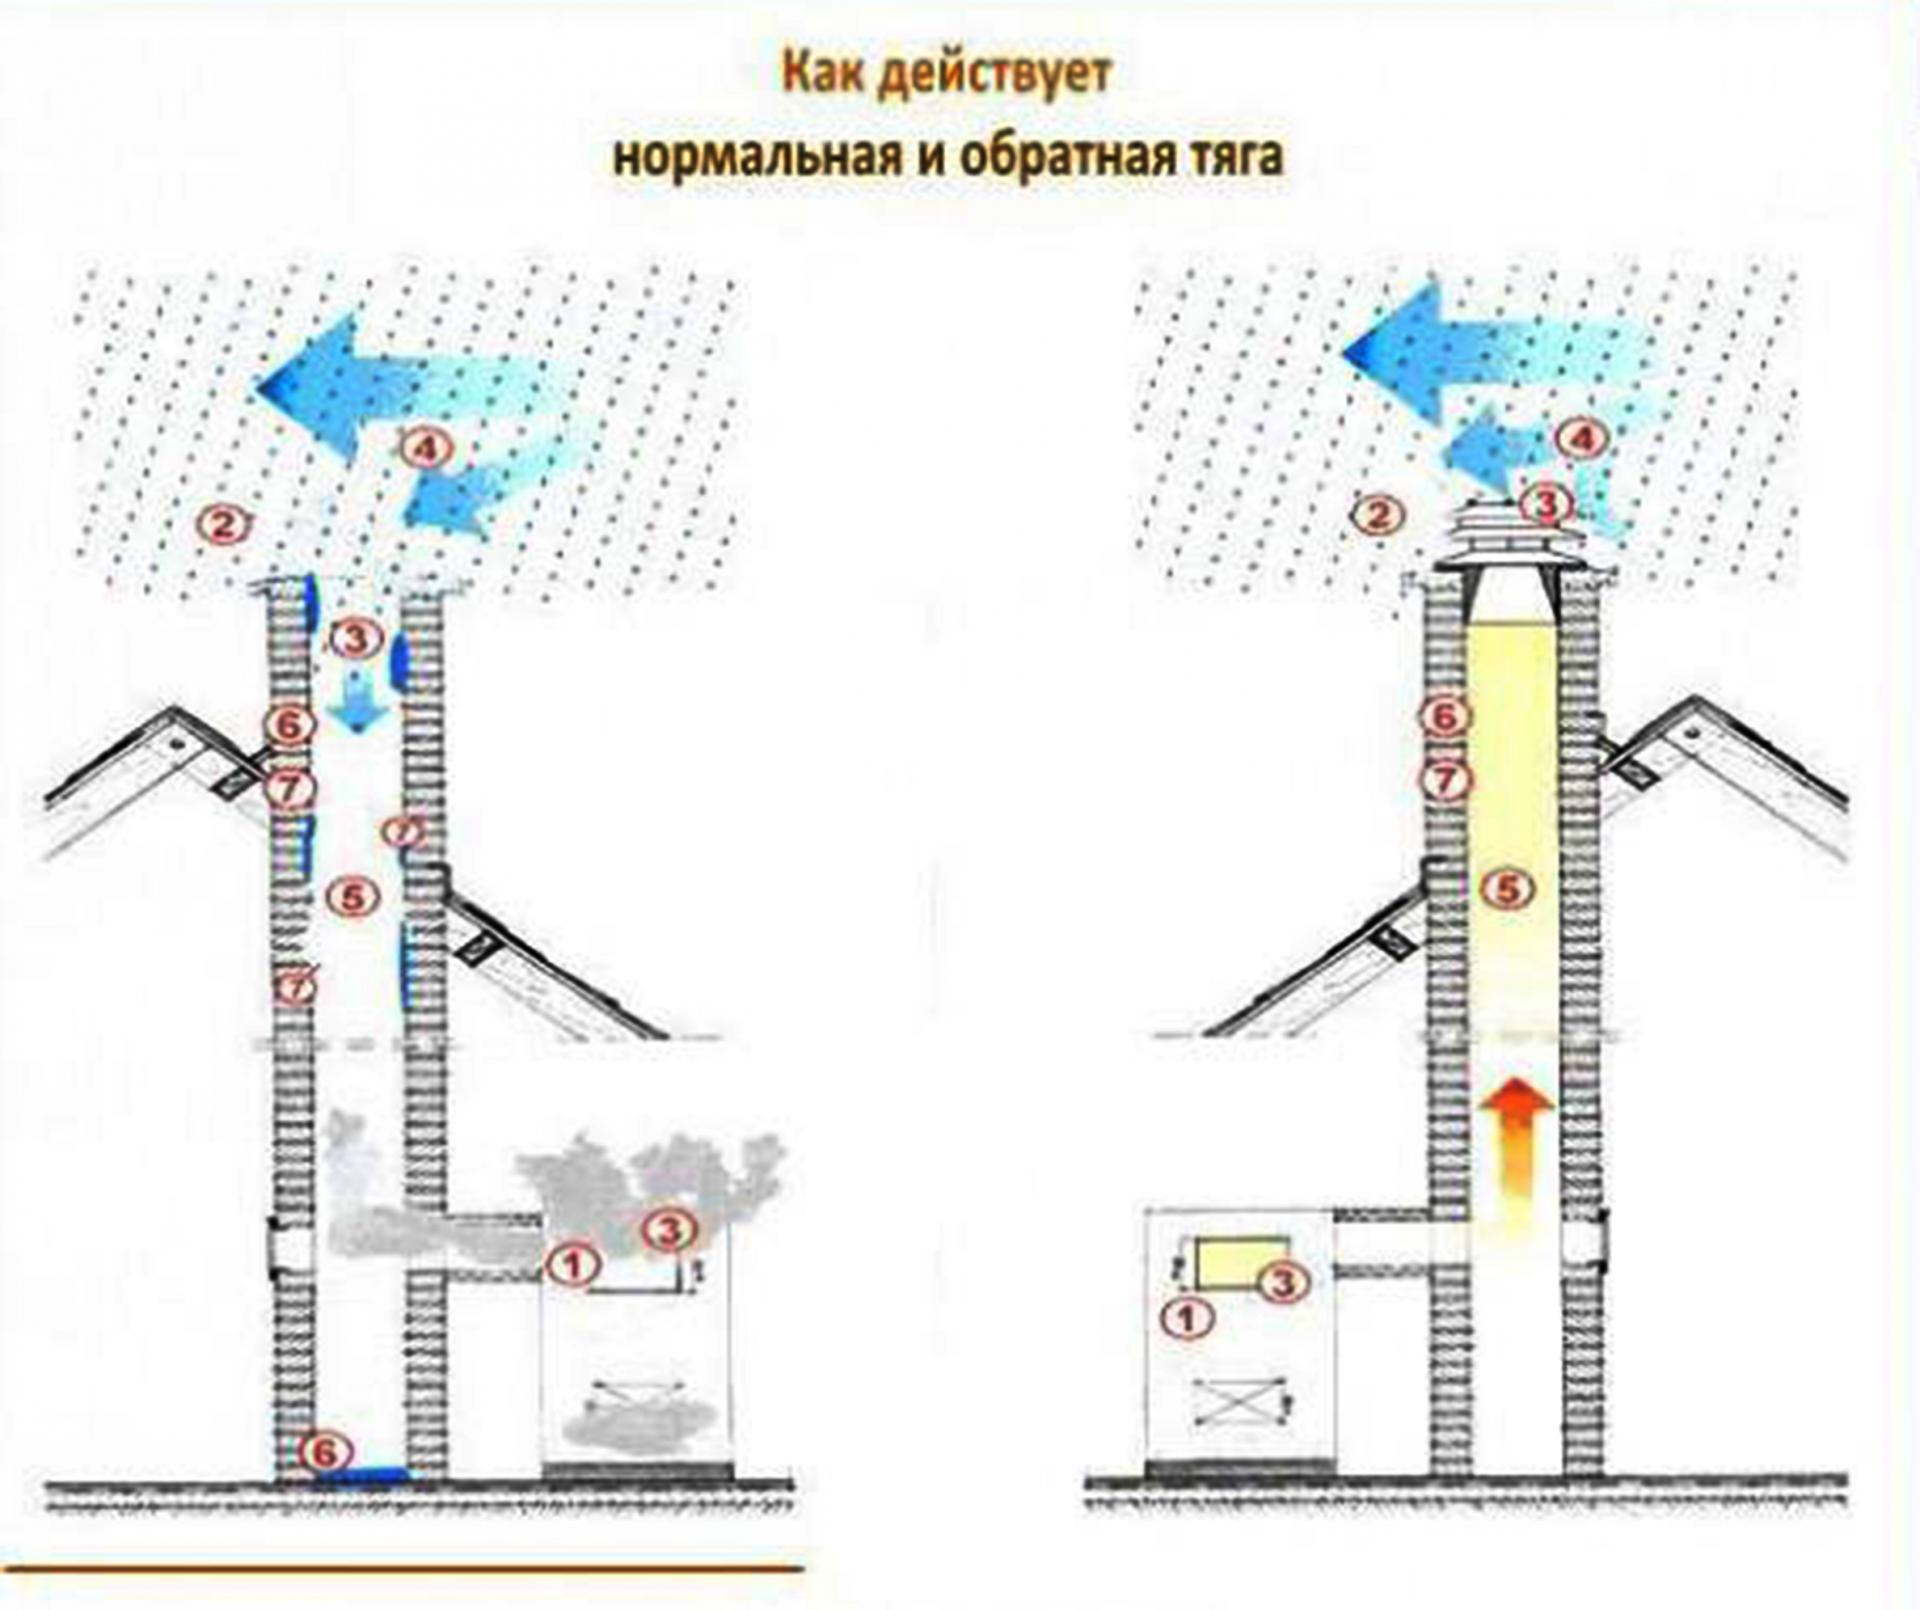 Ротационный дефлектор для вентиляции: чертежи и схема 37